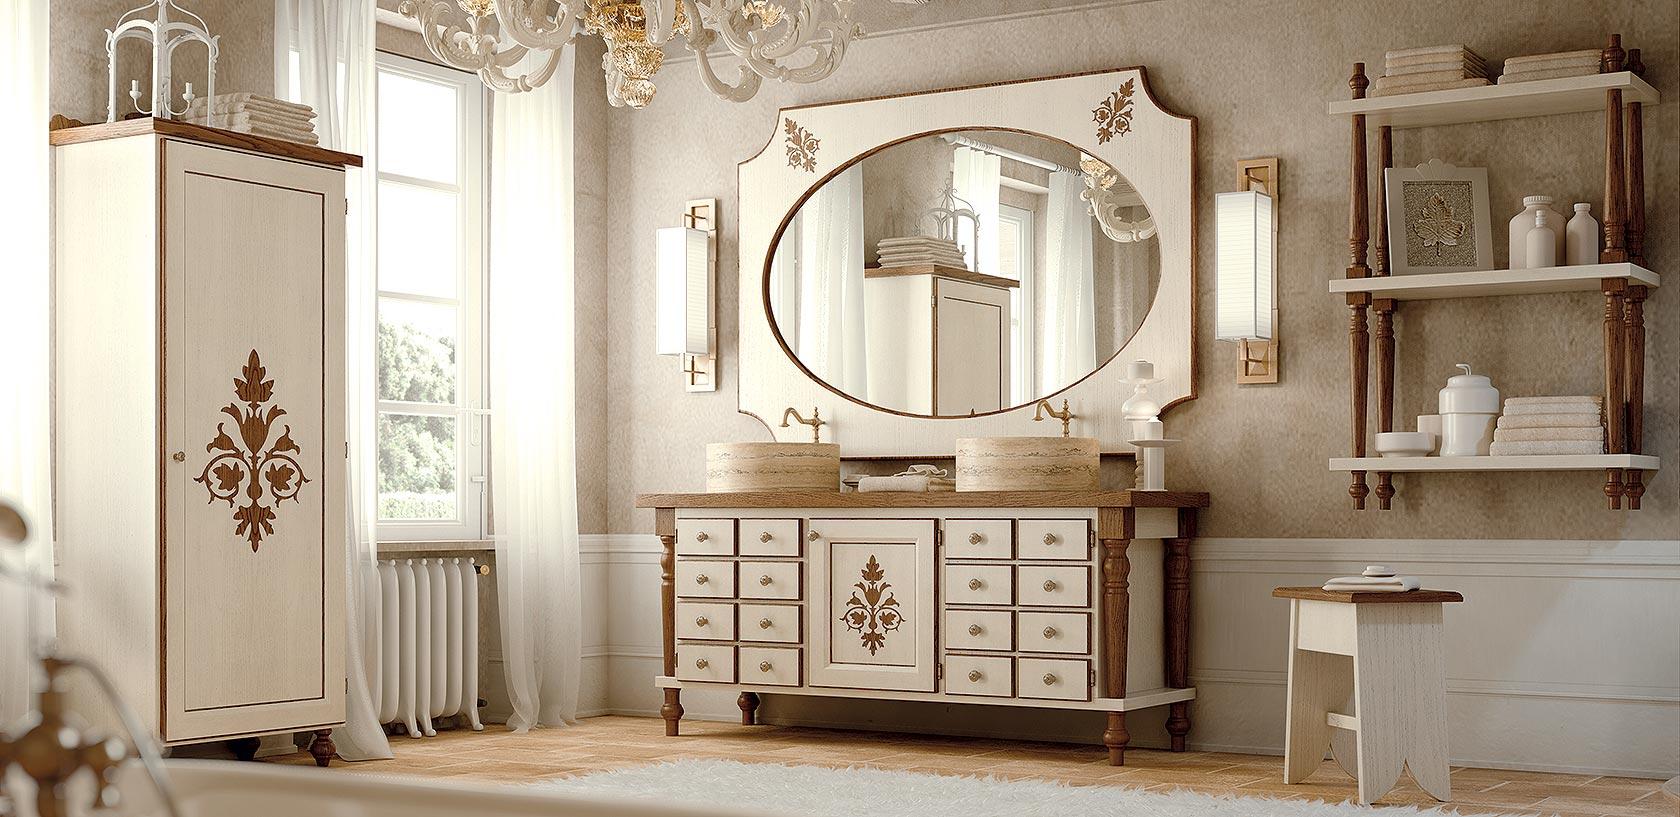 Mobili da bagno stile provenzale rs76 regardsdefemmes for Ultimi disegni di mobili foto